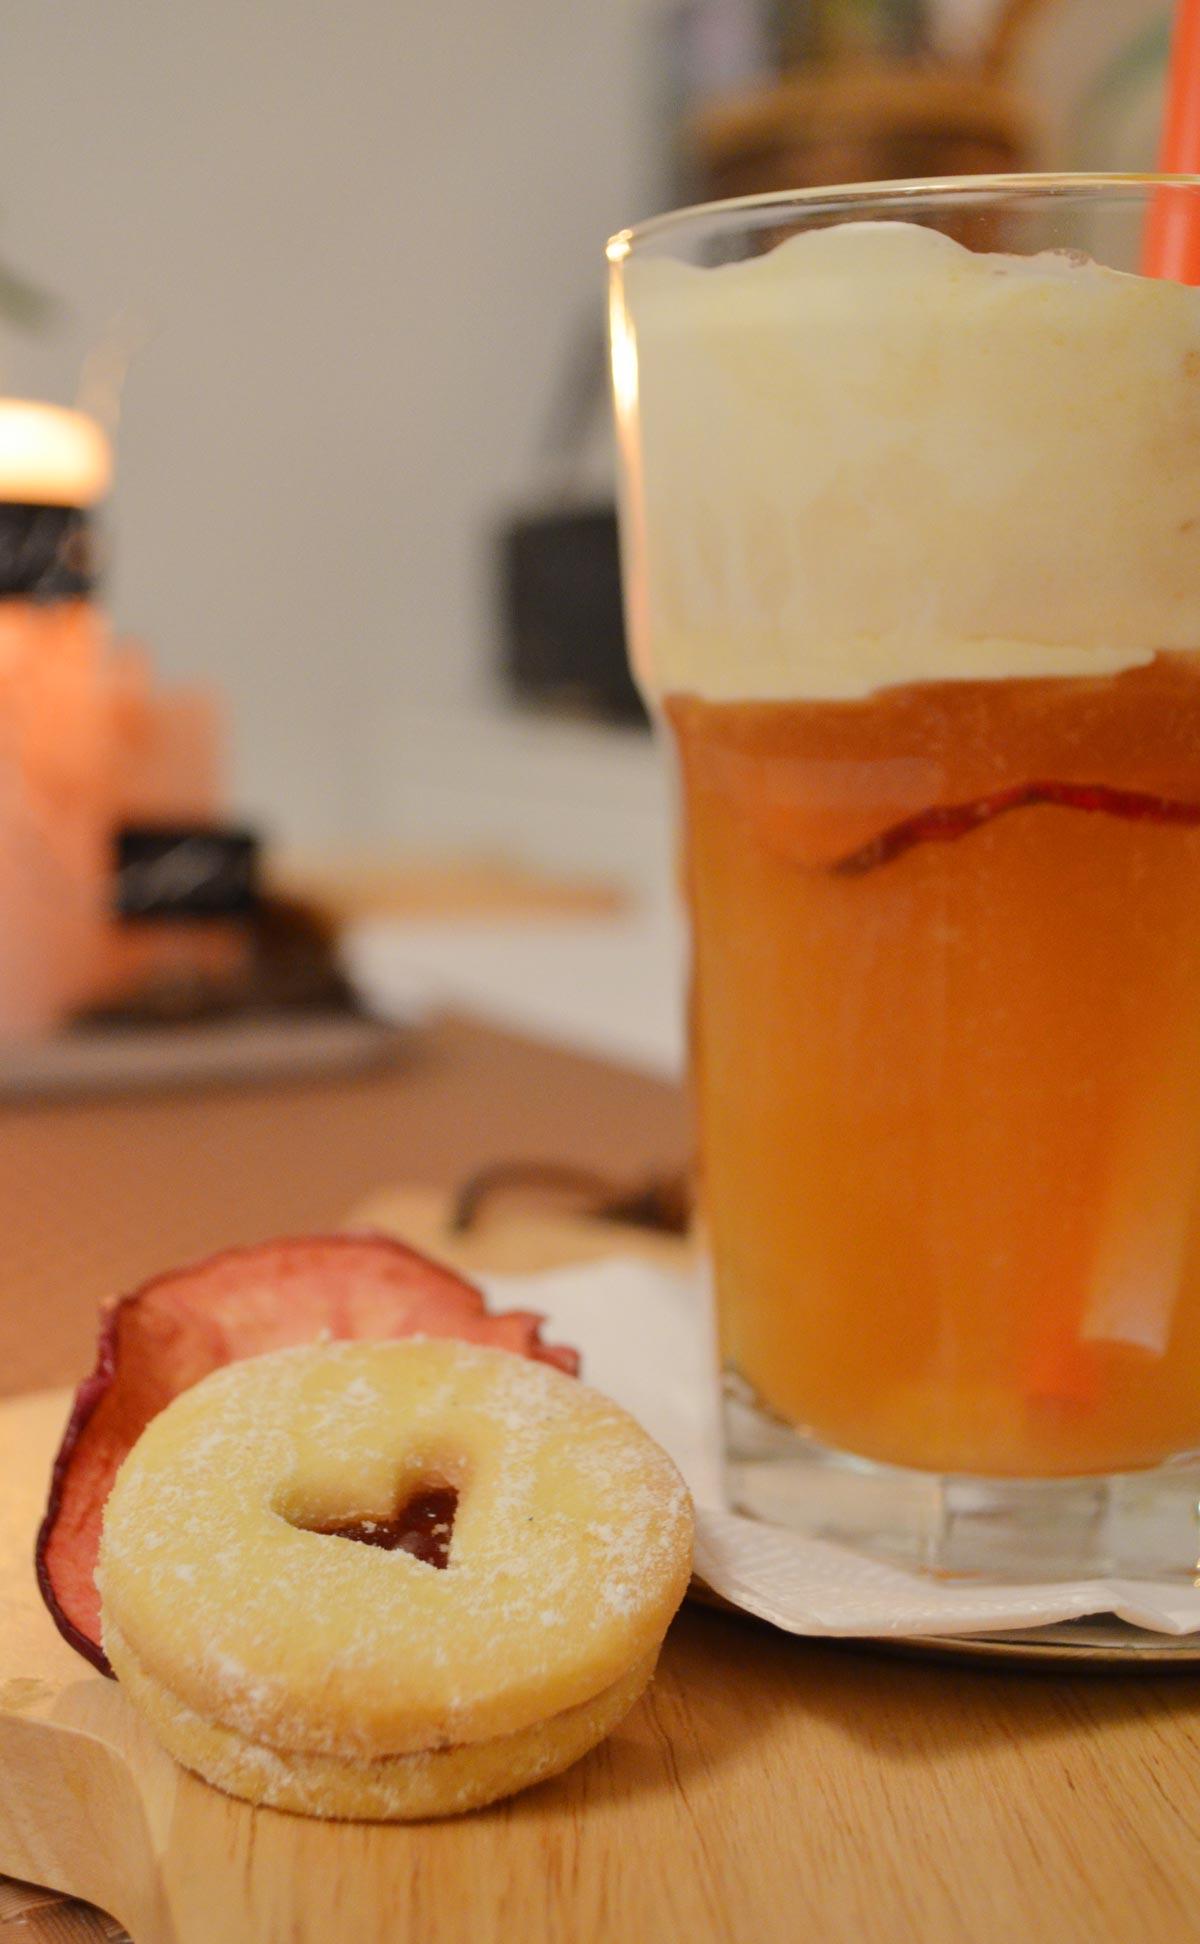 Apfel-Ingwer_03